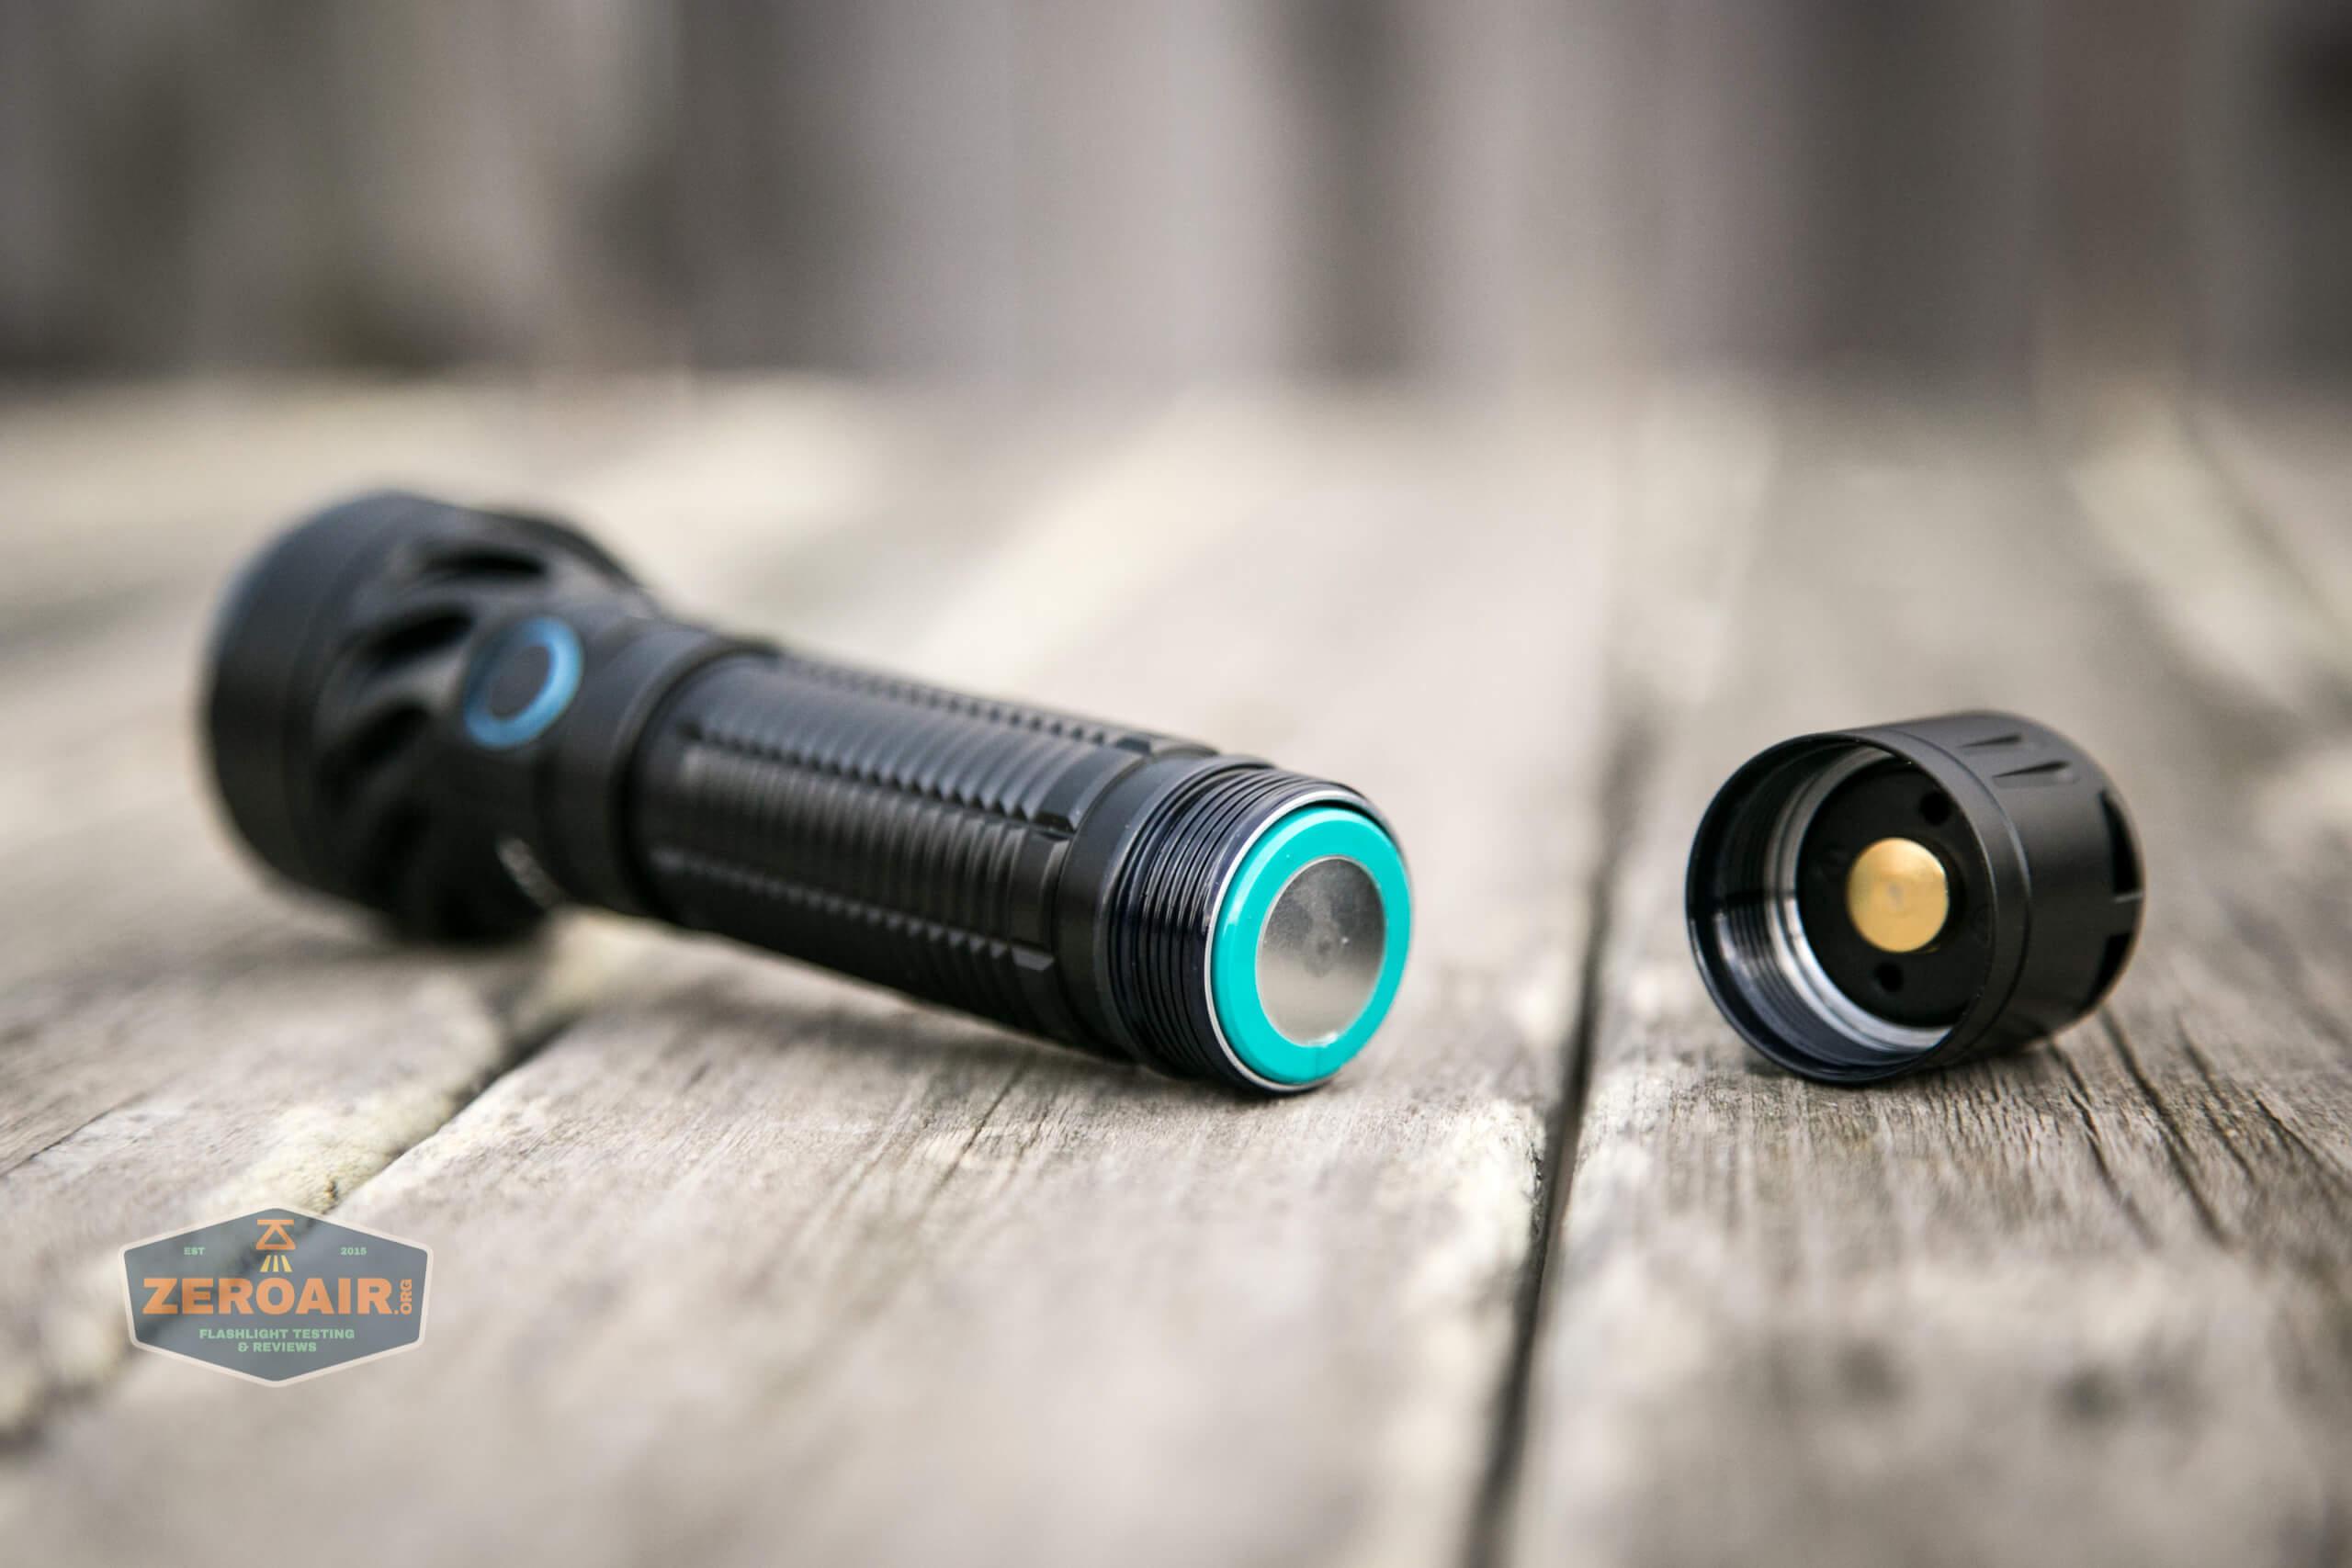 olight freyr rgb flashlight cell install direction